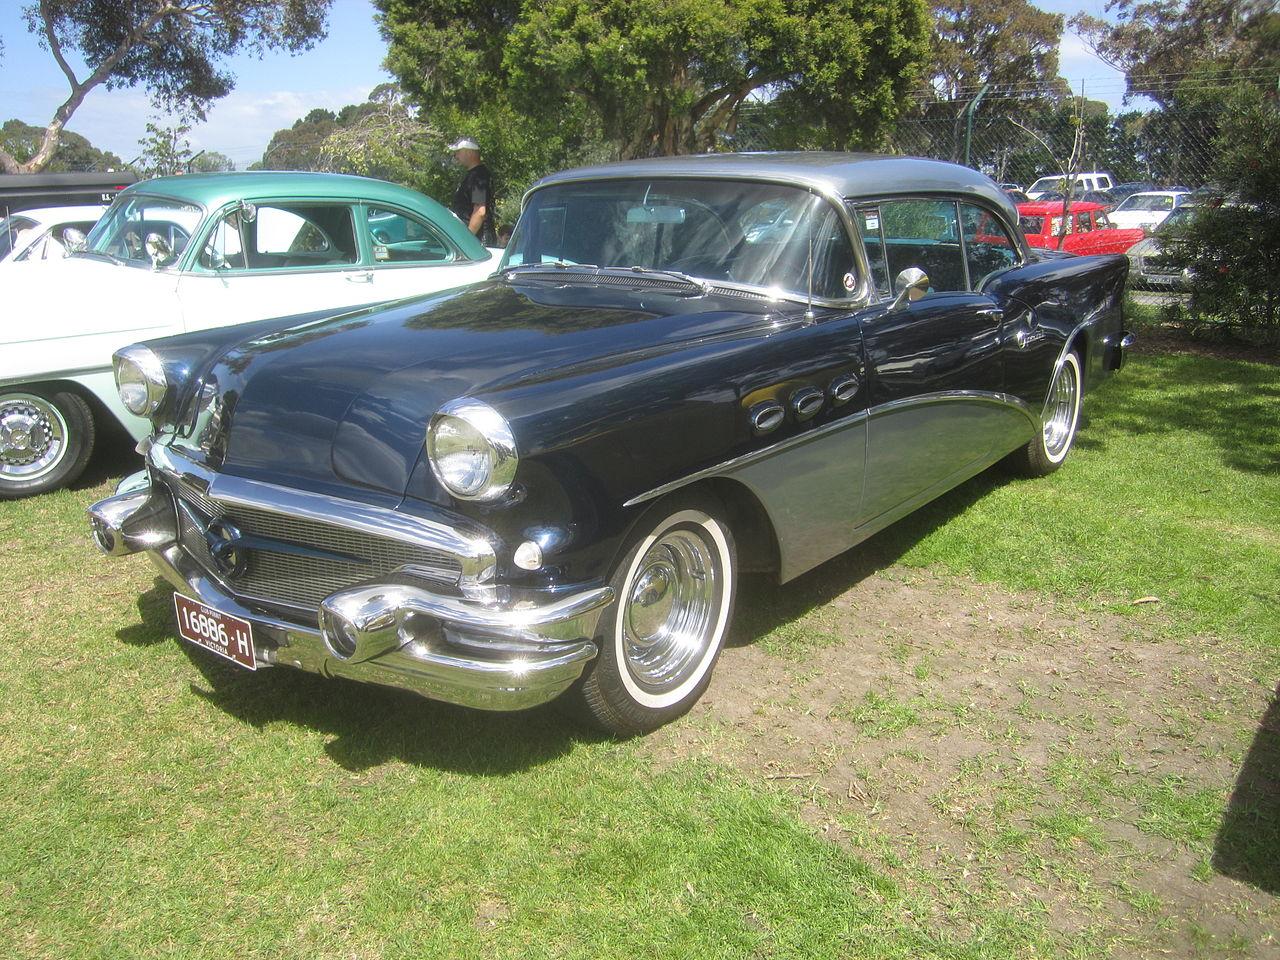 1956 buick century riviera 4 door hardtop original html for 1956 buick special 4 door hardtop